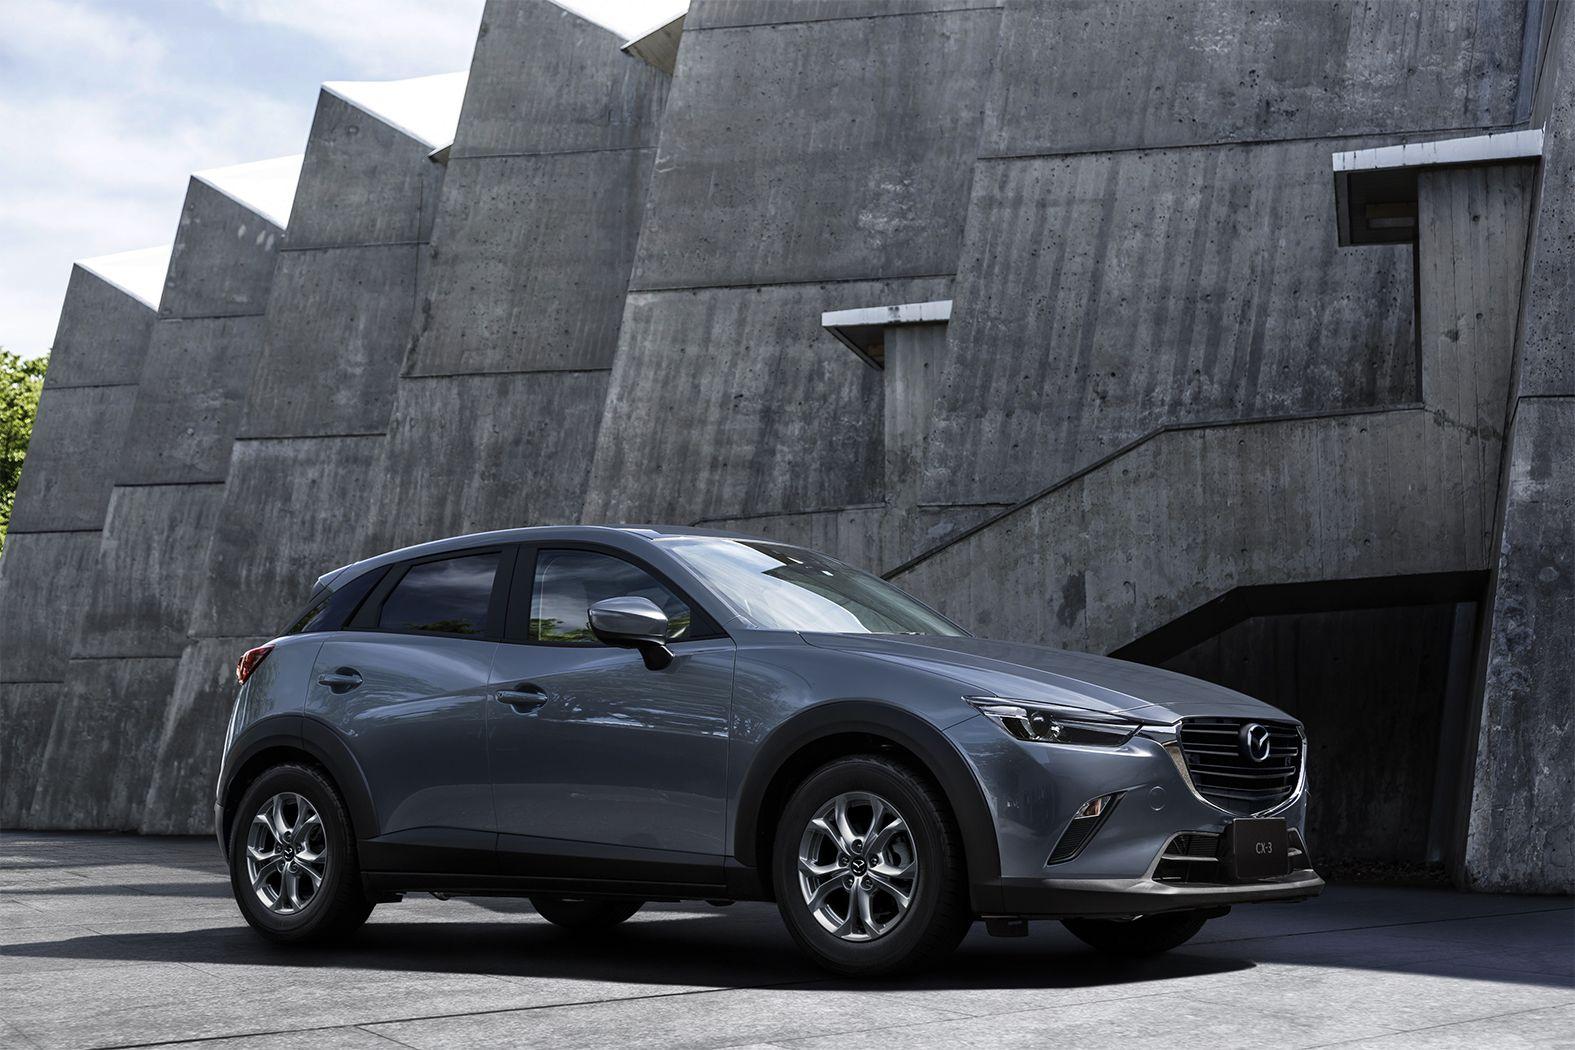 Kekurangan Mazda X3 Top Model Tahun Ini